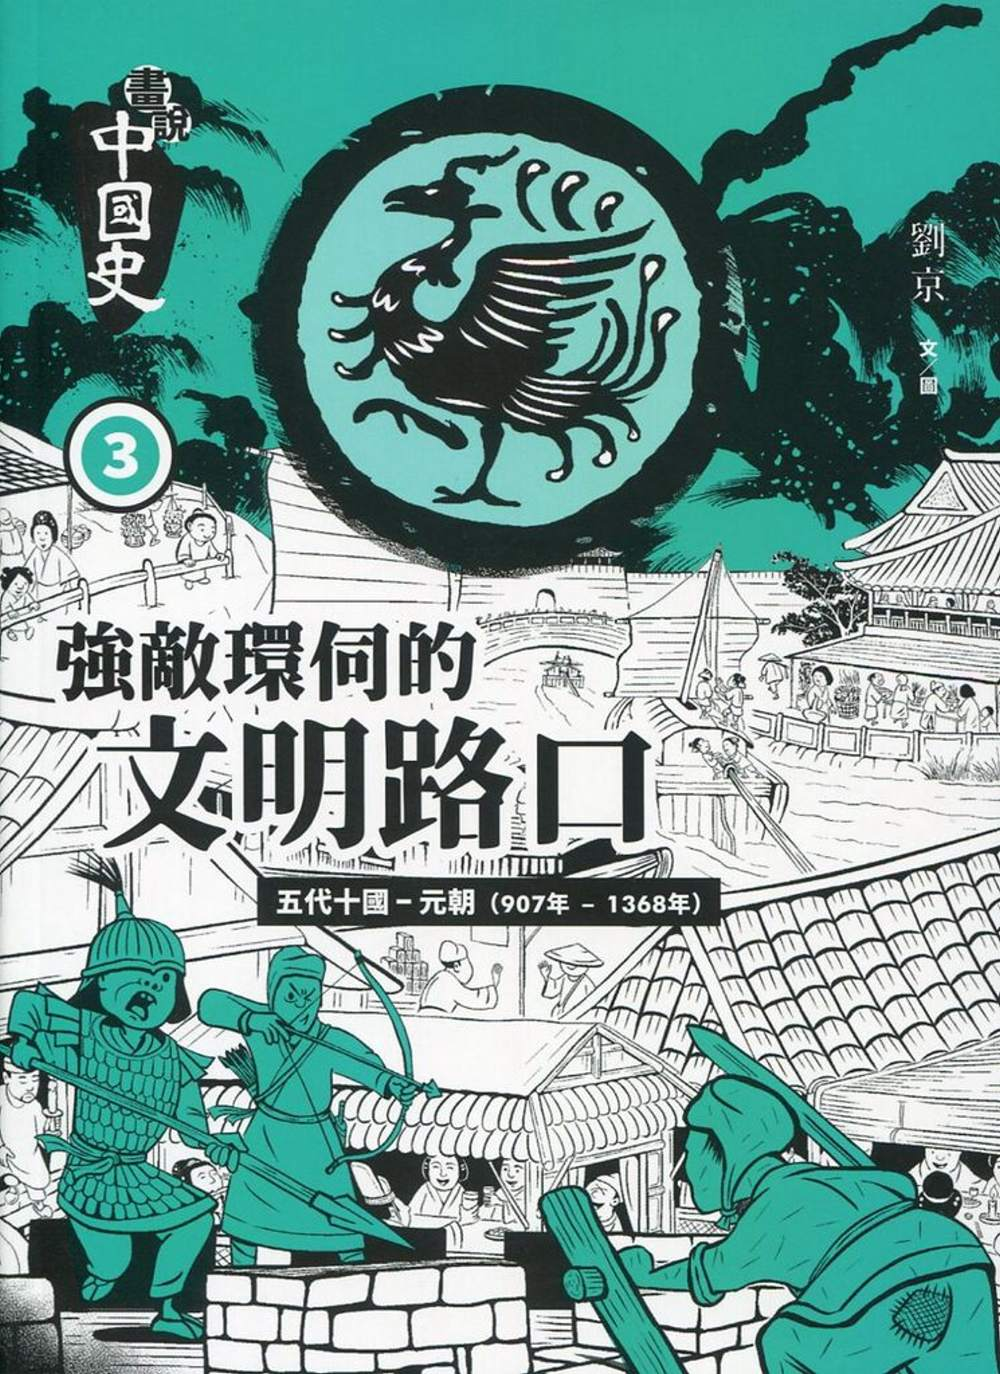 畫說中國史 3:強敵環伺的文明路口